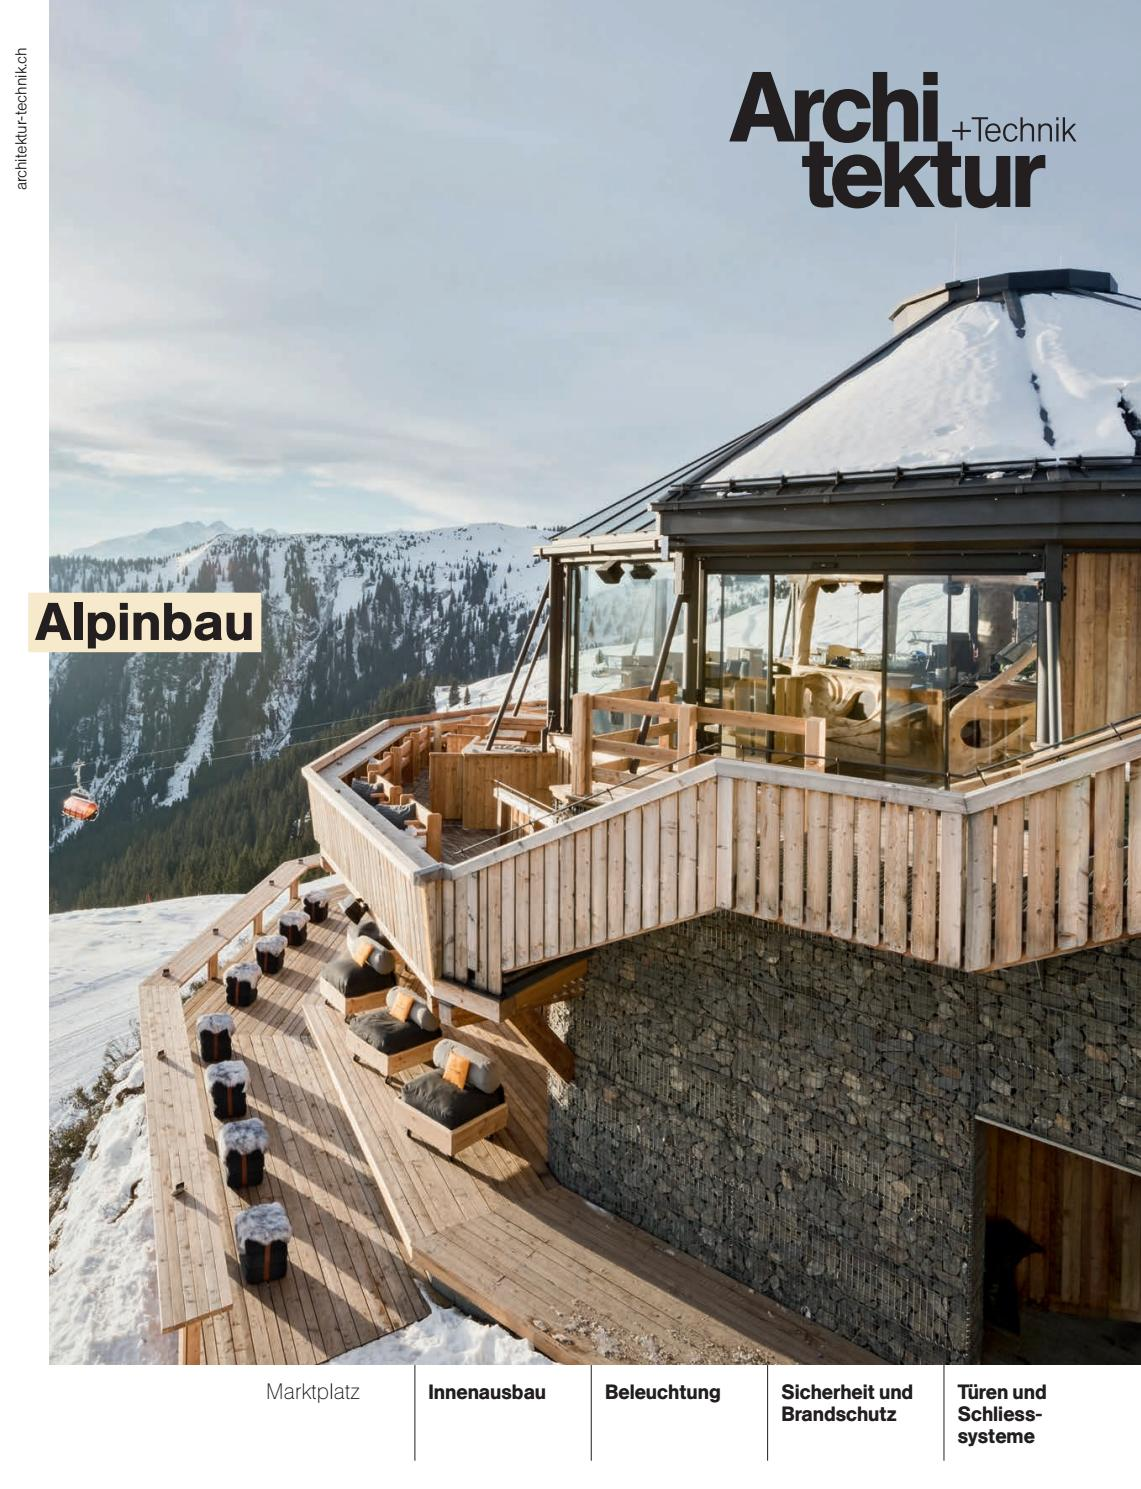 Neue Architektur STUTTGART by joachim fischer - issuu